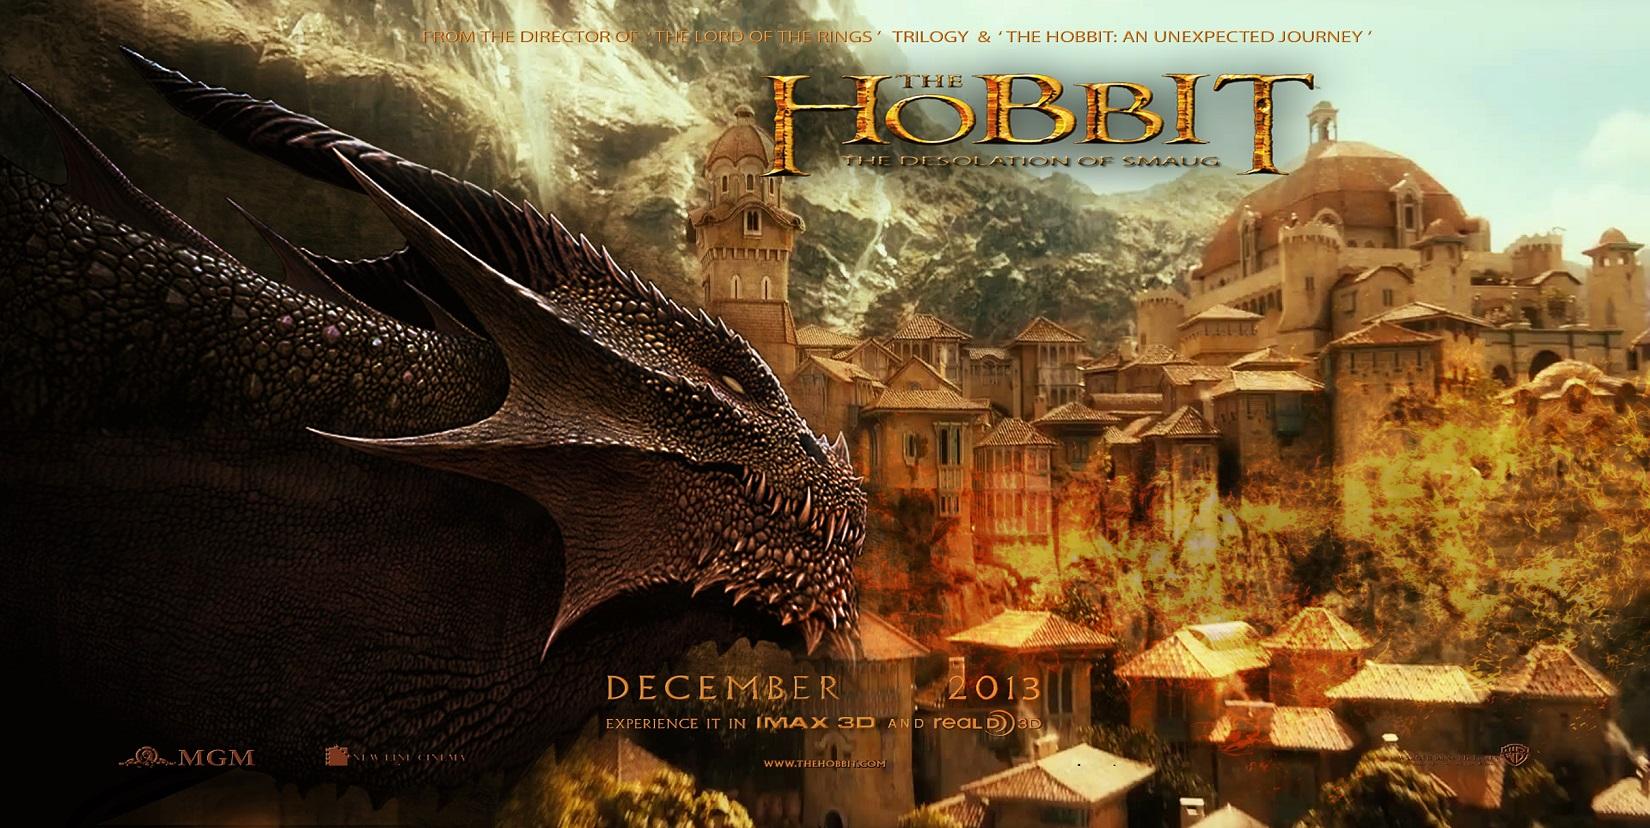 der-hobbit-smaugs-einoede-3d-poster-art-